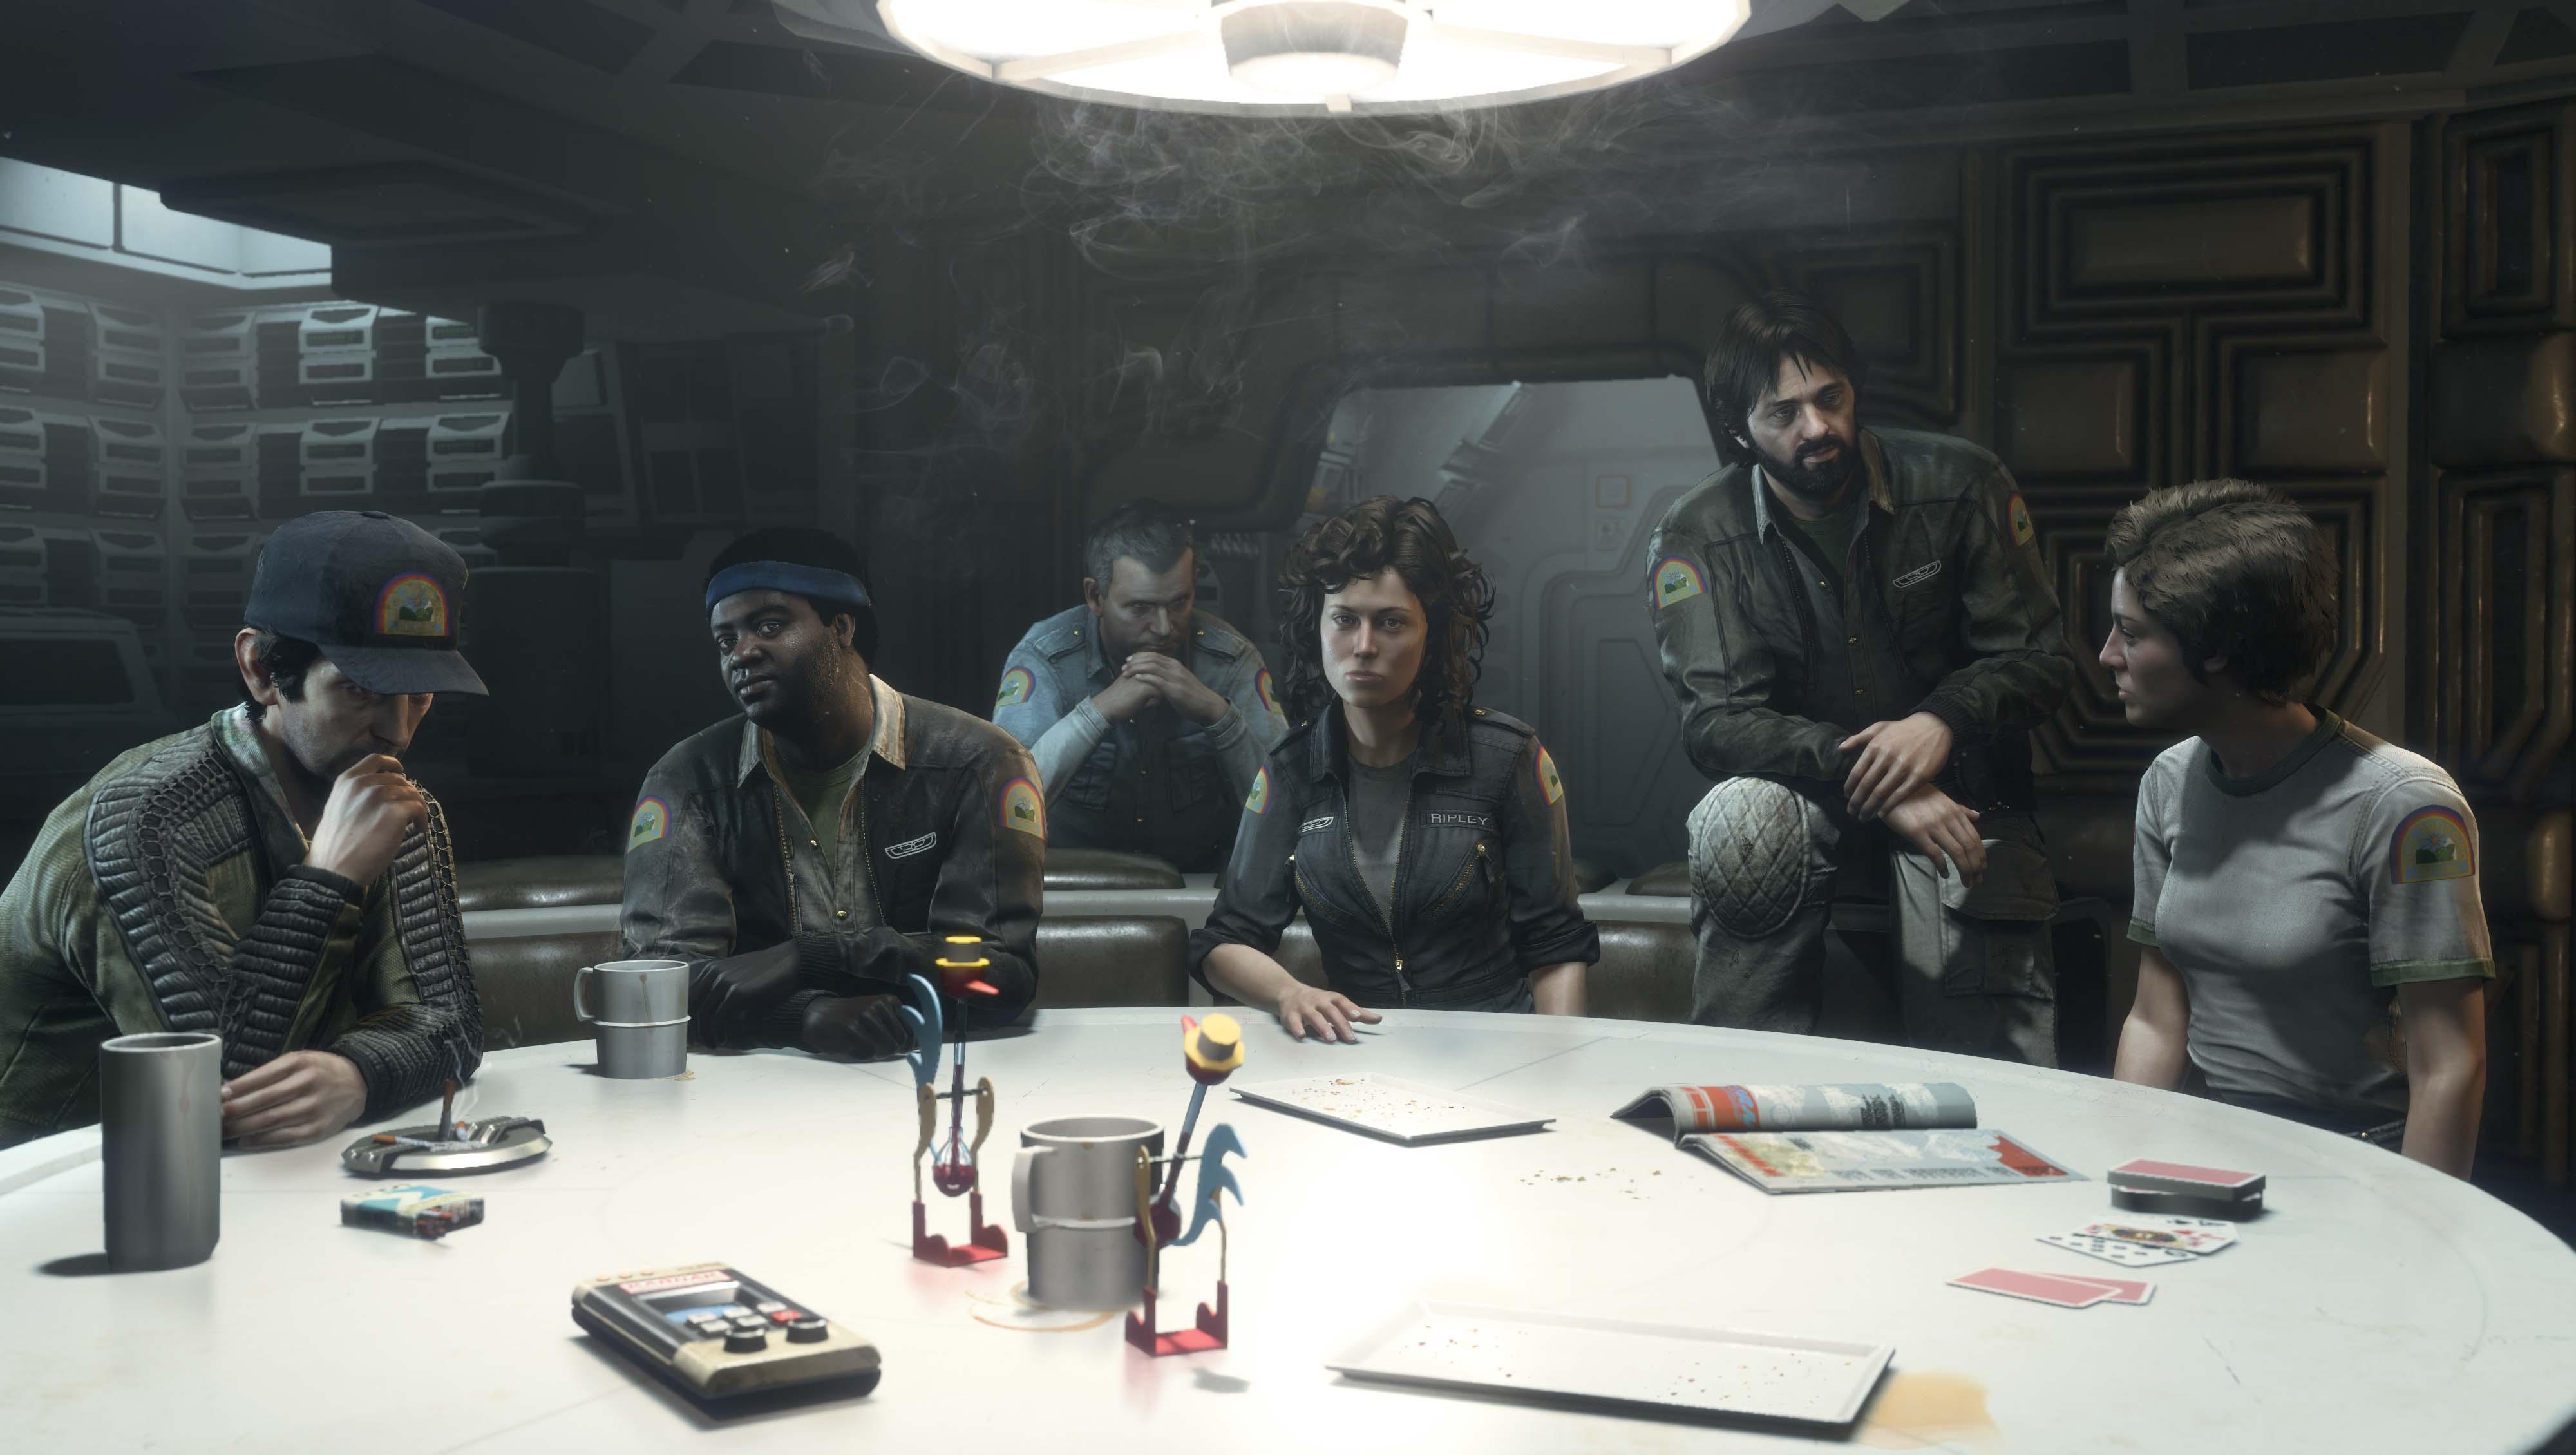 Tego brakowało mi do szczęścia. Ellen Ripley w nowym Alien Isolation!